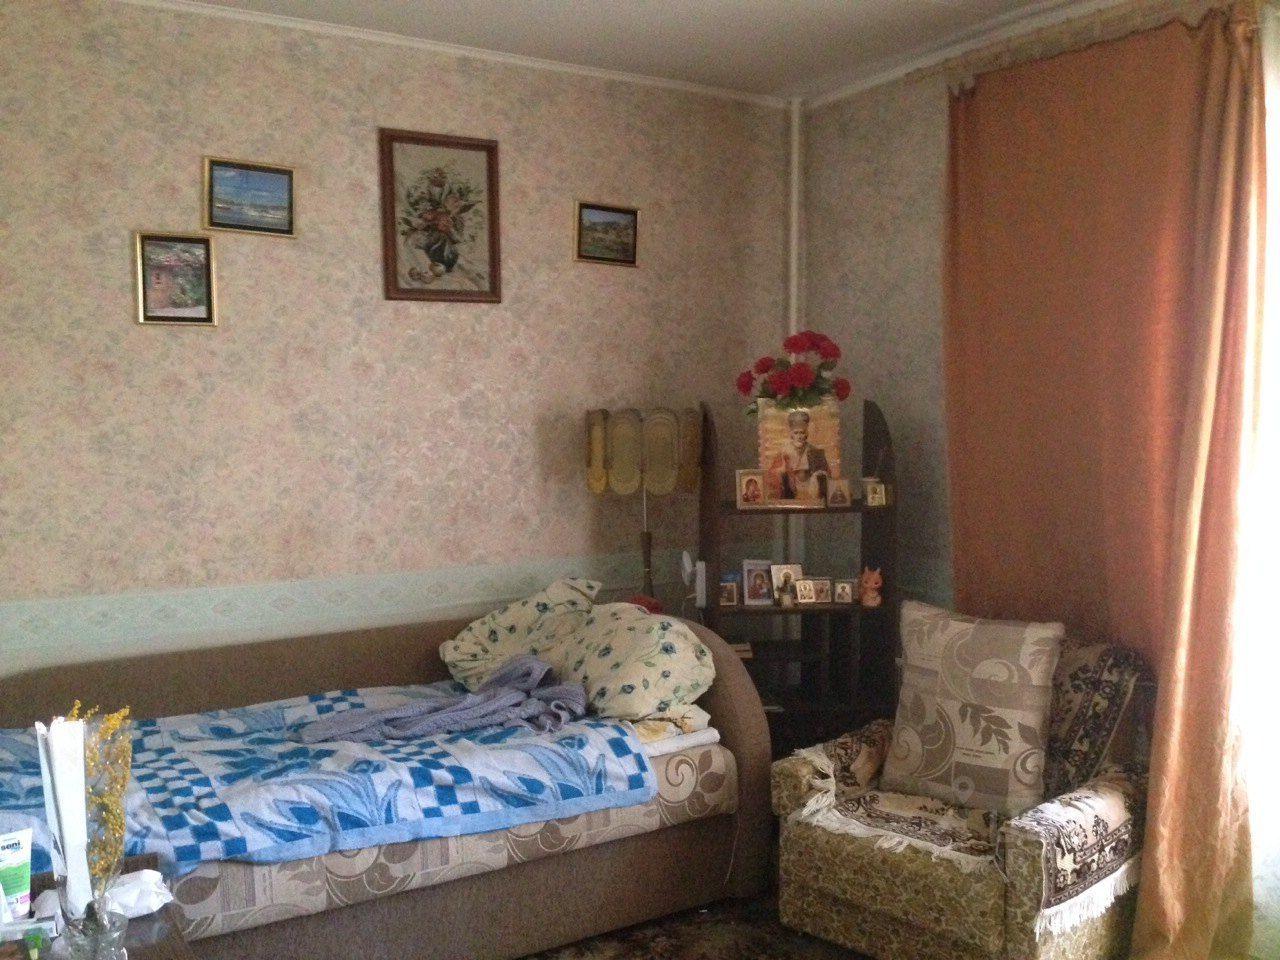 продажа трехкомнатной квартиры город Москва, метро Дмитровская, Башиловская улица, д. 23К2